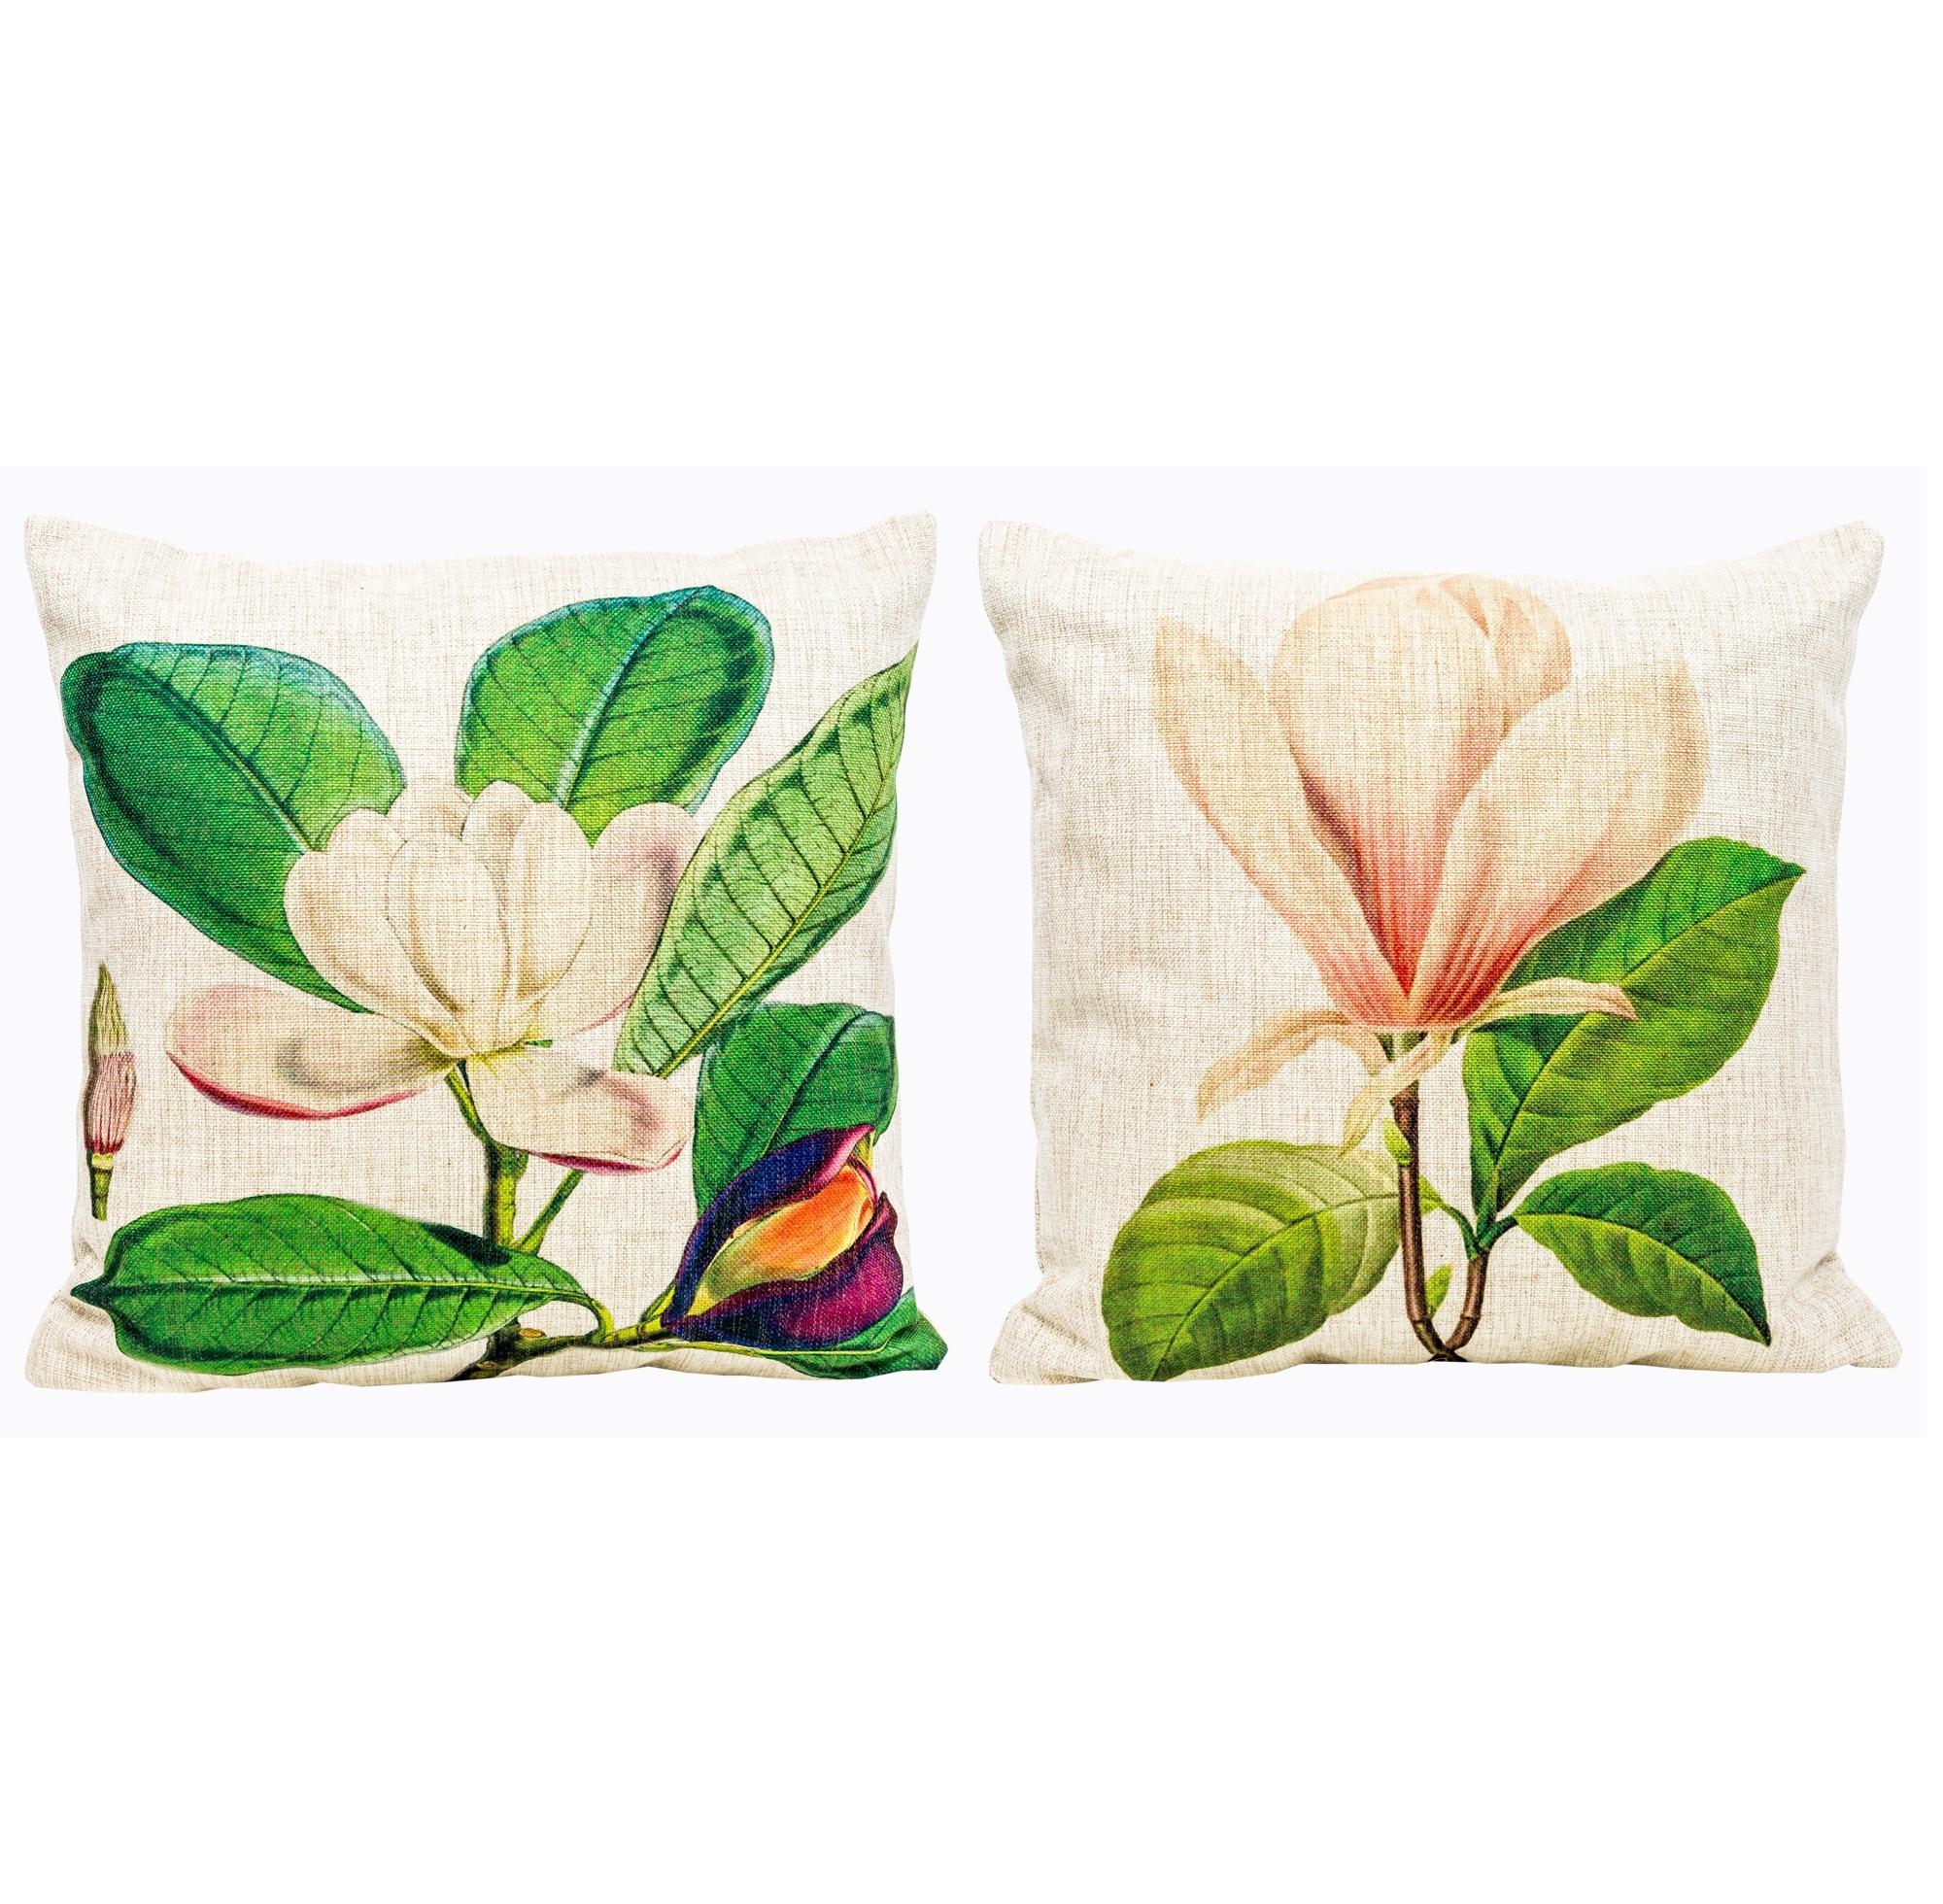 Набор из двух декоративных подушек Цветочный перфомансКвадратные подушки и наволочки<br>Подушки, украшенные веселыми разноцветными бабочками, весьма желанны в детской комнате. Отметьте при этом их рациональный размер.<br>Окружите же себя позитивными вещицами, одухотворенными заботой, уютом и в прямом смысле теплом.<br>Подушки  уникальны: рисунок выпущен лимитированным тиражом.<br>При выборе декоративного чехла для подушечки обратите внимание на высокую плотность ткани. Она обеспечит Вам не только дополнительную мягкость, но и максимальную долговечность любимого аксессуара.<br><br>Material: Текстиль<br>Width см: 45<br>Height см: 45